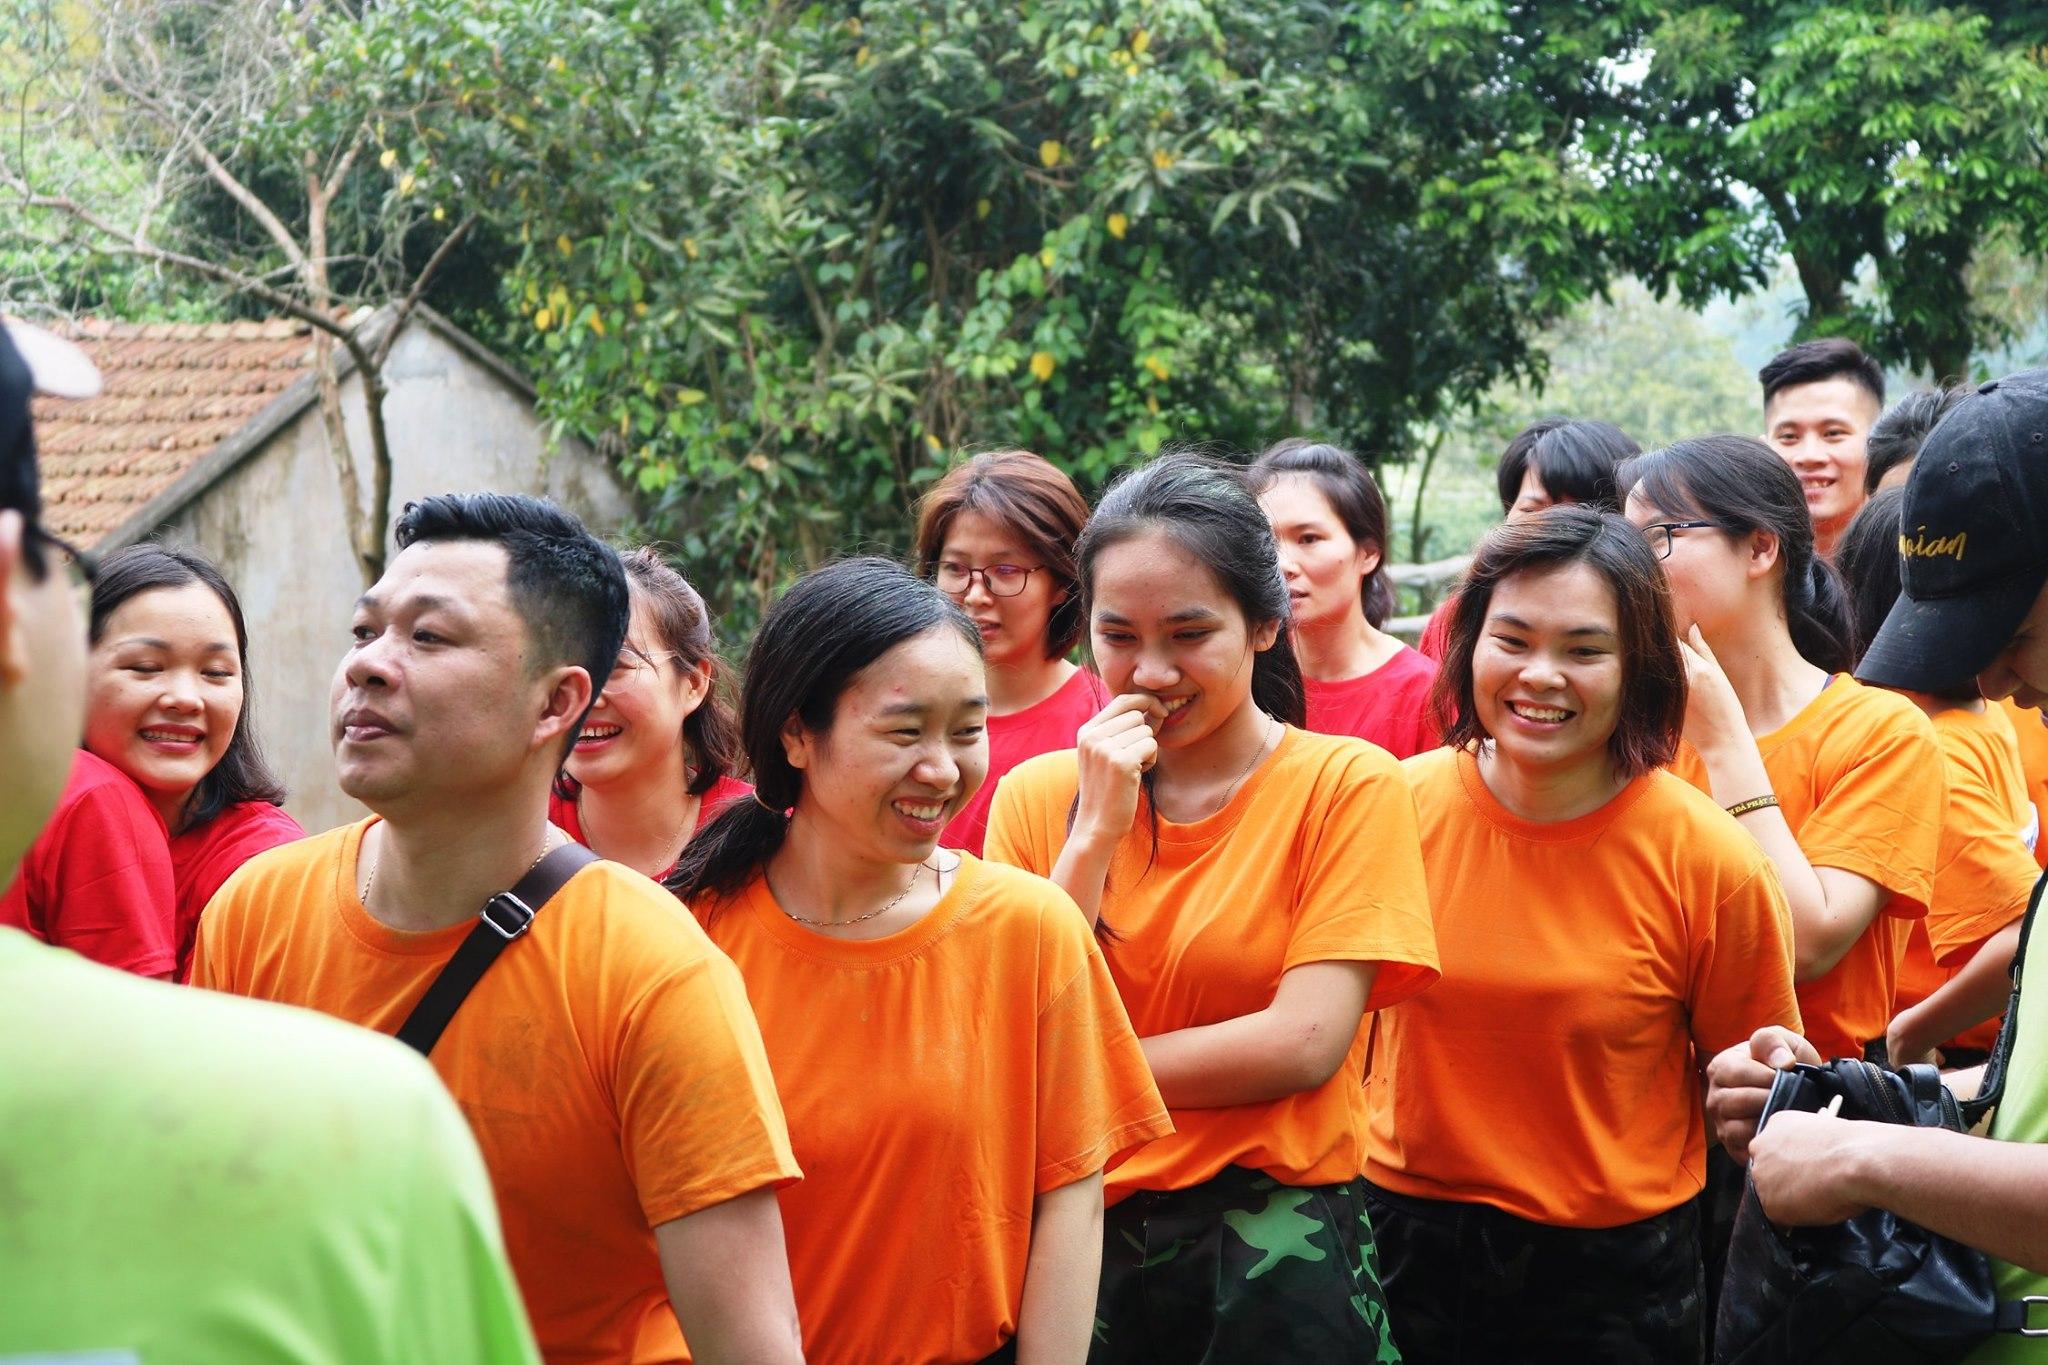 Thỏa sức vui chơi 20/10 với 5 địa điểm tổ chức team building cho phái nữ quanh Hà Nội - Ảnh 9.